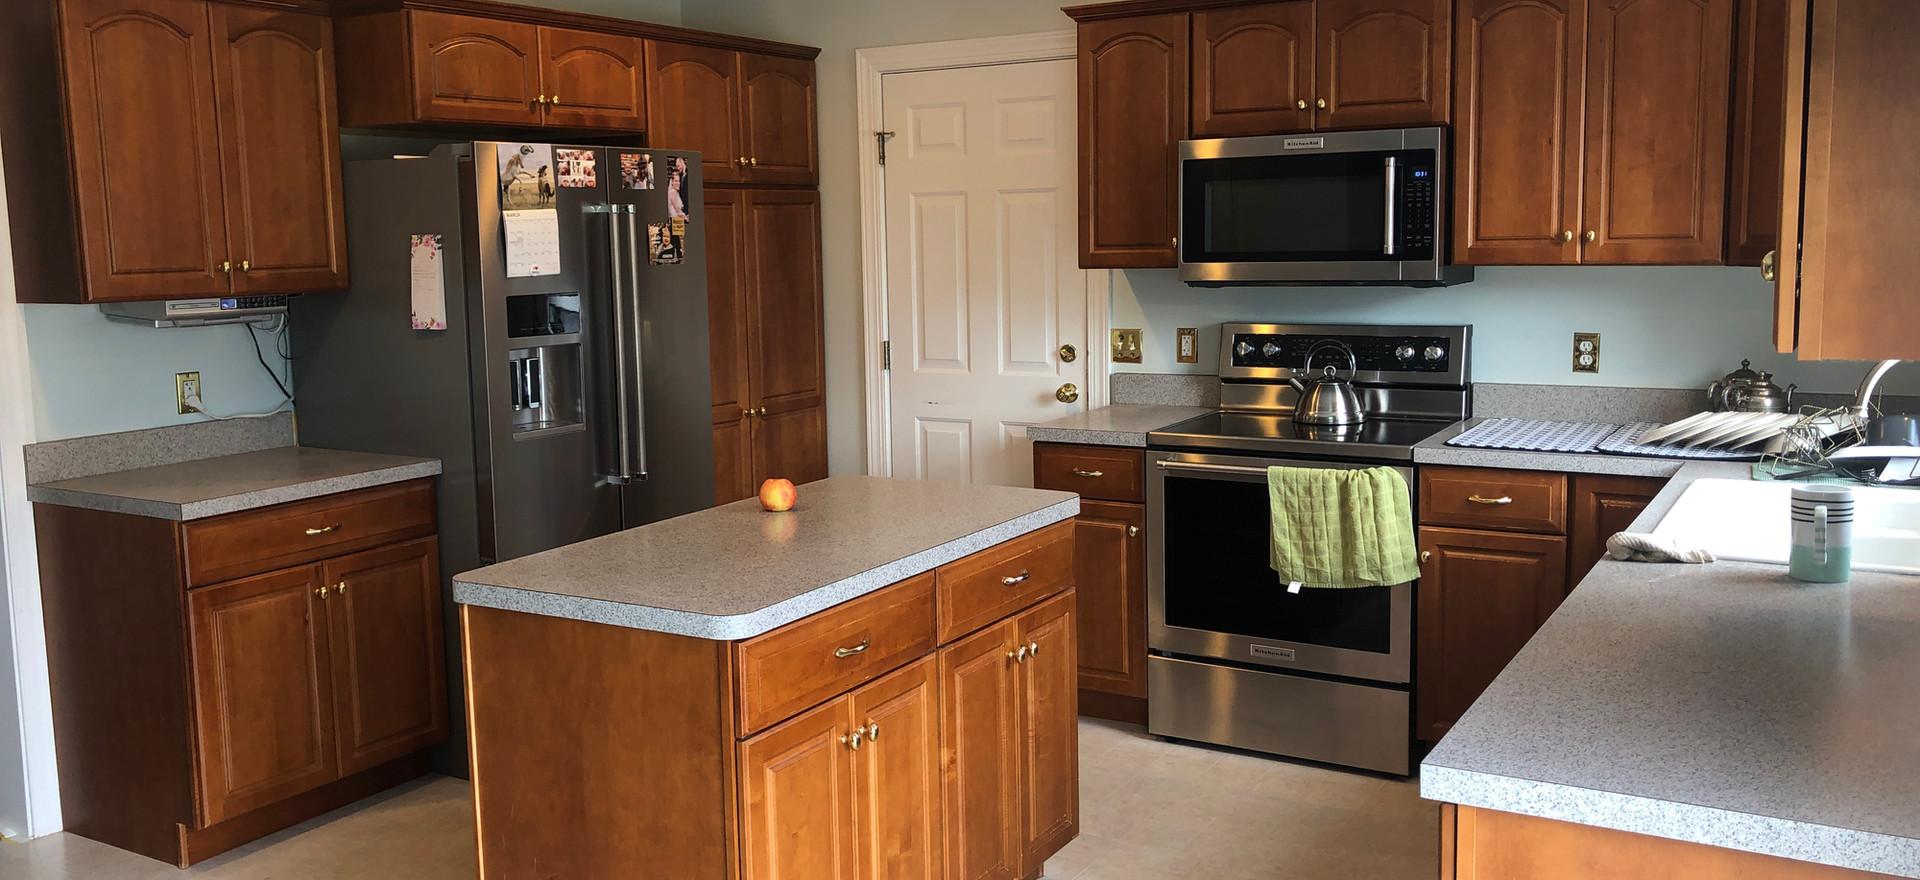 Original Maple Kitchen